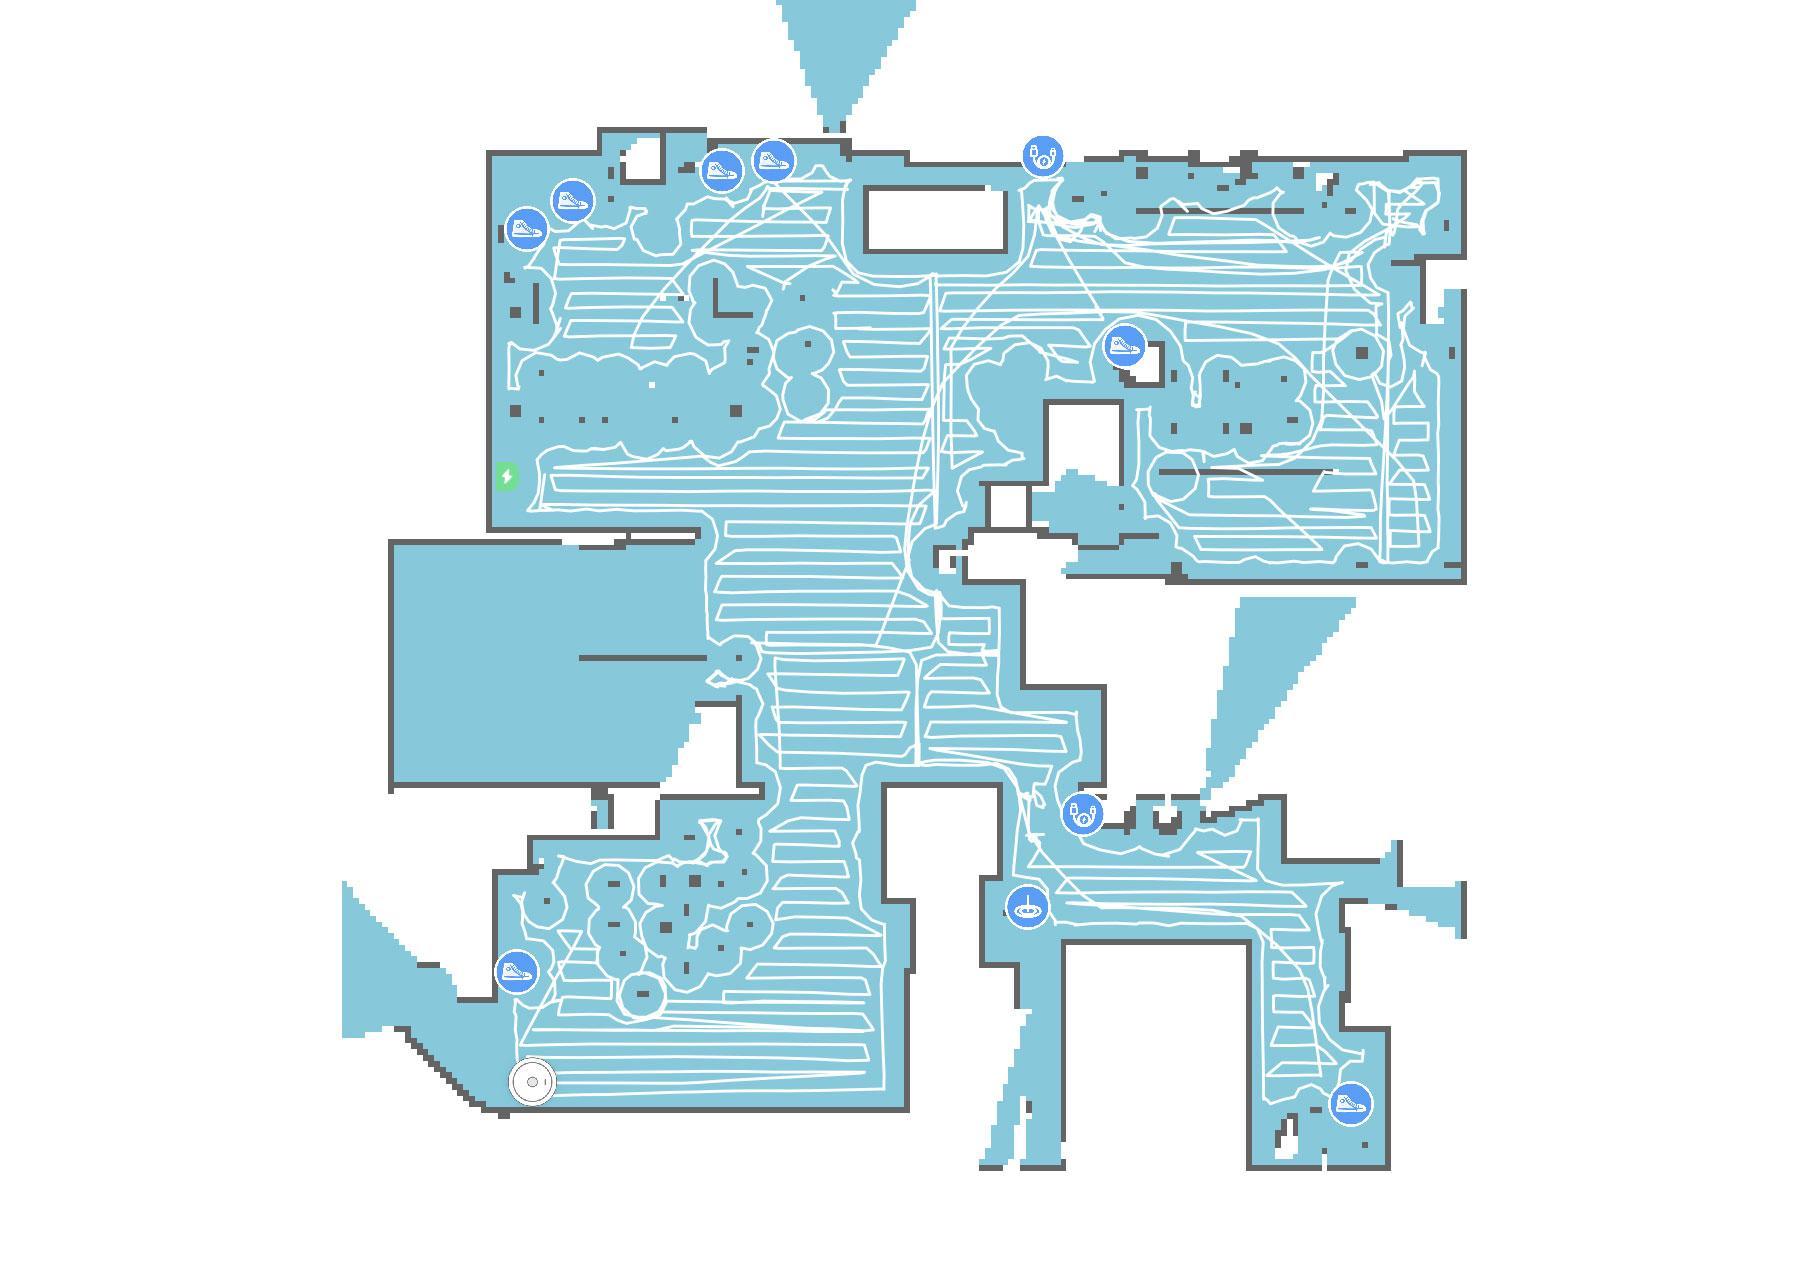 Slik ser det ut etter at S6 MaxV har støvsugd hele etasjen, og merket flere steder med objekter den har identifisert. Se for eksempel kabelikonet i soverommet nede til høyre (en kabel til en vifte), og kabelikonet oppe til høyre i stua (kabler under TV-hyllen).